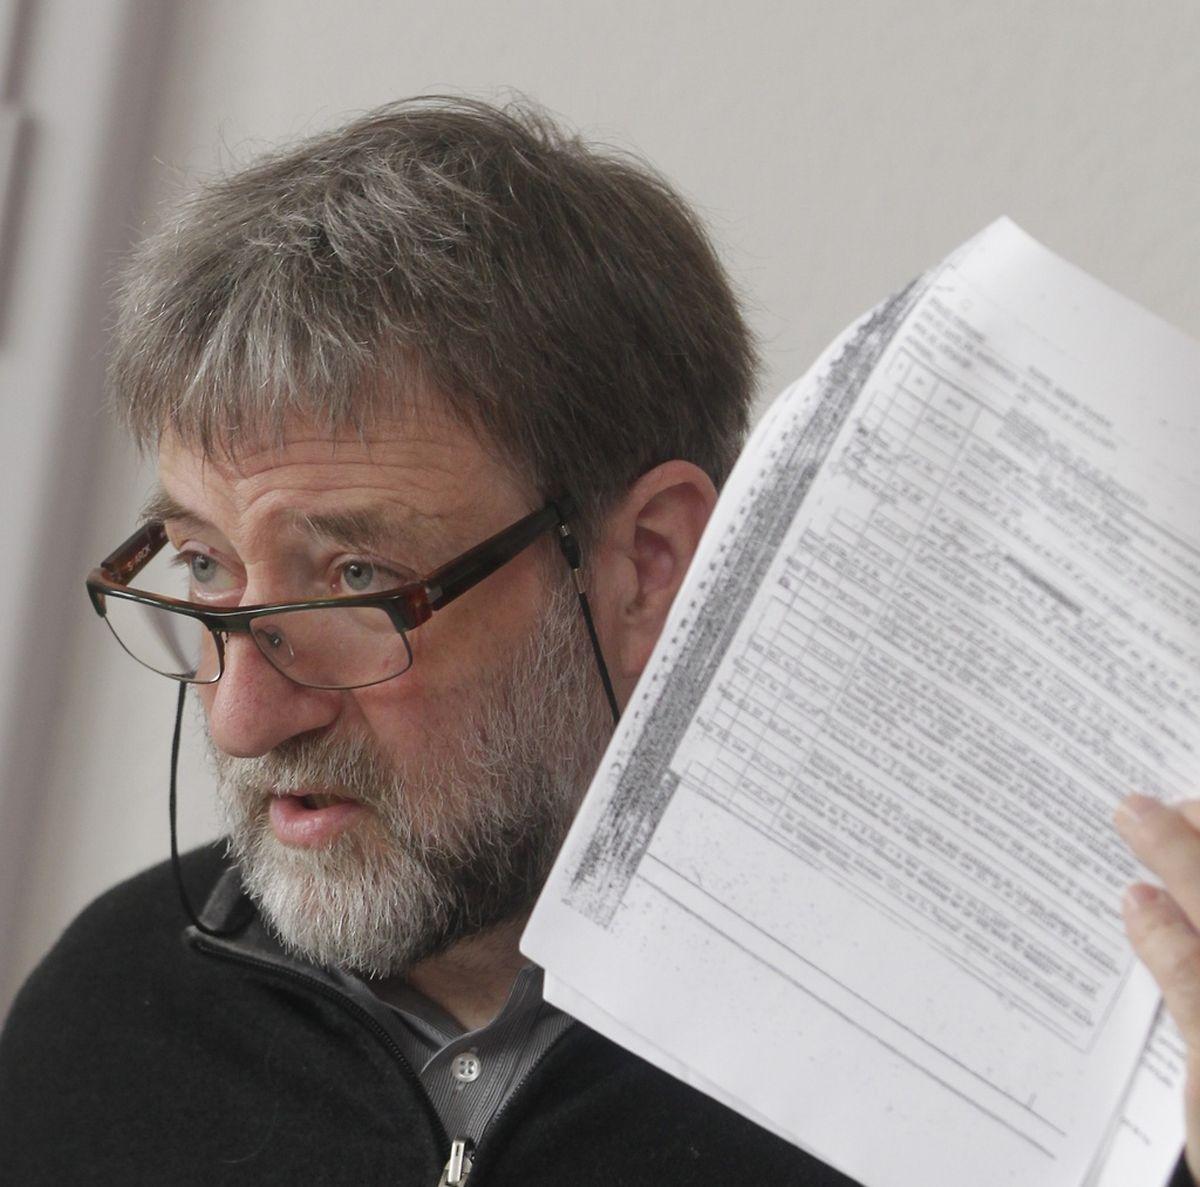 Fragen über Fragen: Laut Justin Turpel (Déi Lénk) hat auch die Öffentlichkeit ein Recht auf Aufklärung der LuxLeaks-Affäre.